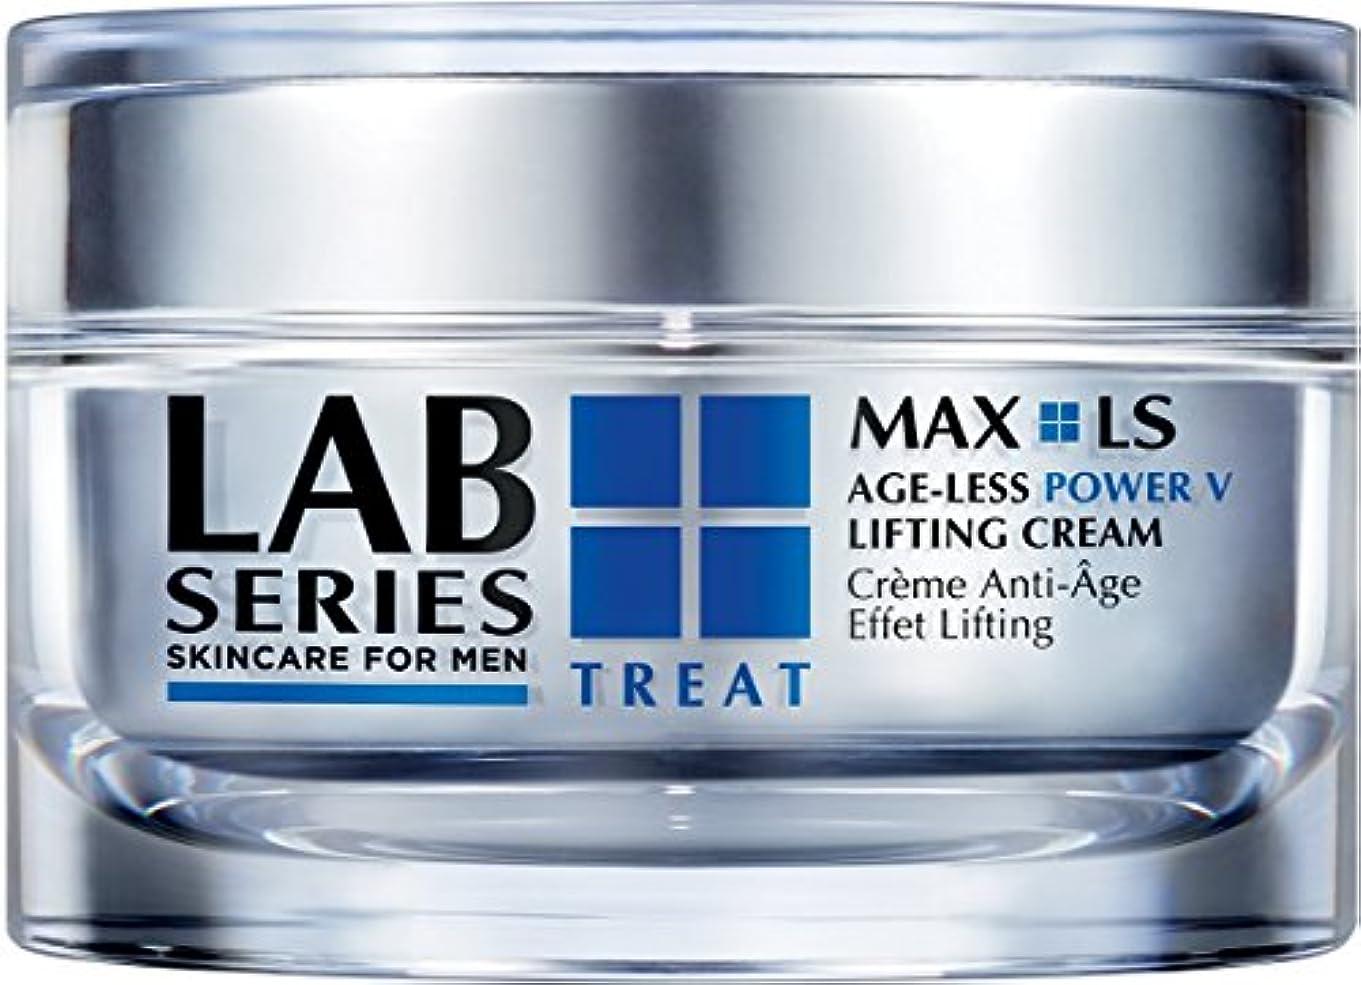 素晴らしい良い多くの不明瞭支配的ラボシリーズ (LAB SERIES) マックス LS V クリーム 50mL